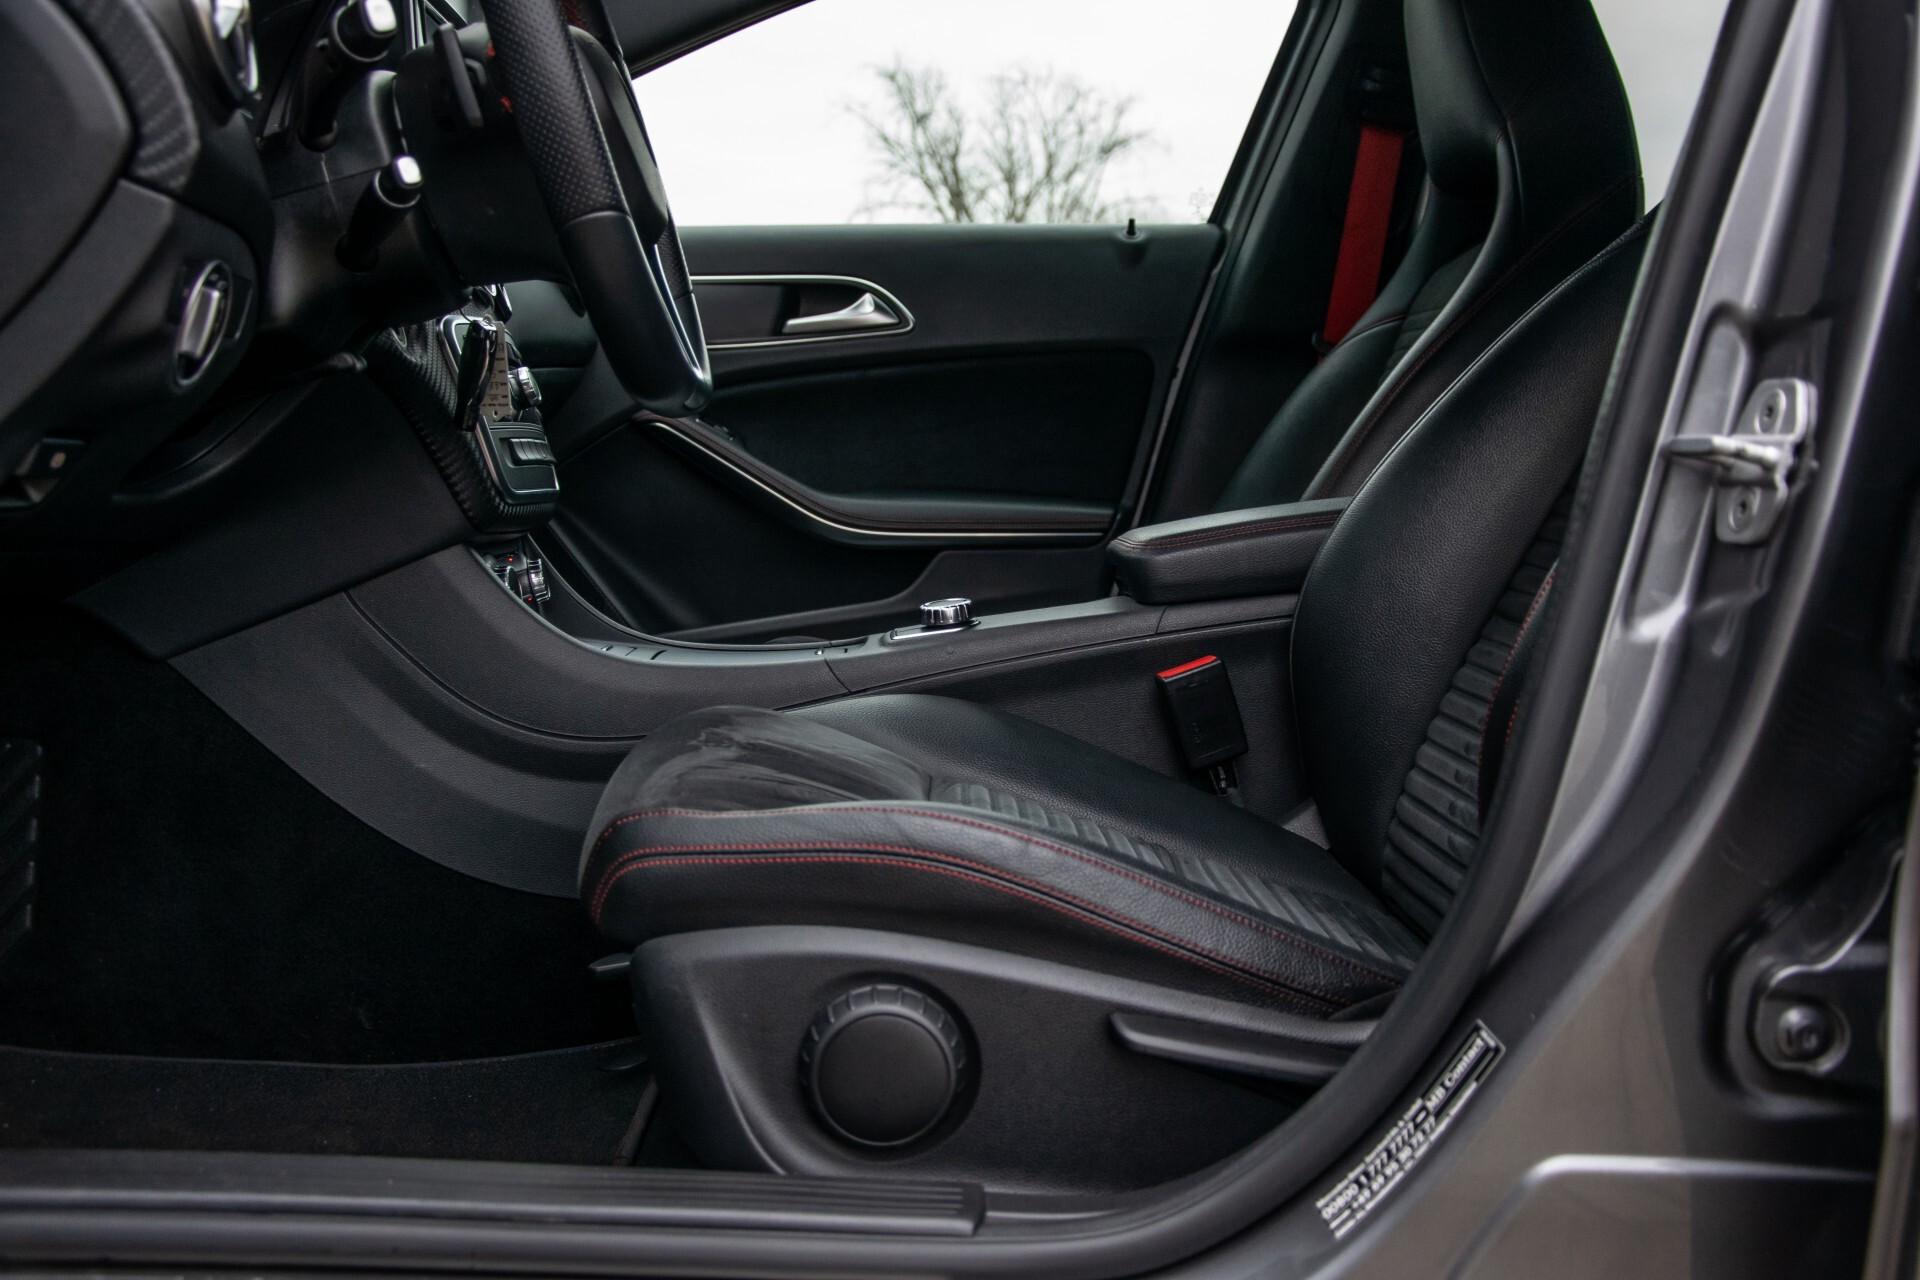 Mercedes-Benz A-Klasse 180 AMG Dynamic Handling/Camera/Xenon/Navi/Privacy Aut7 Foto 18